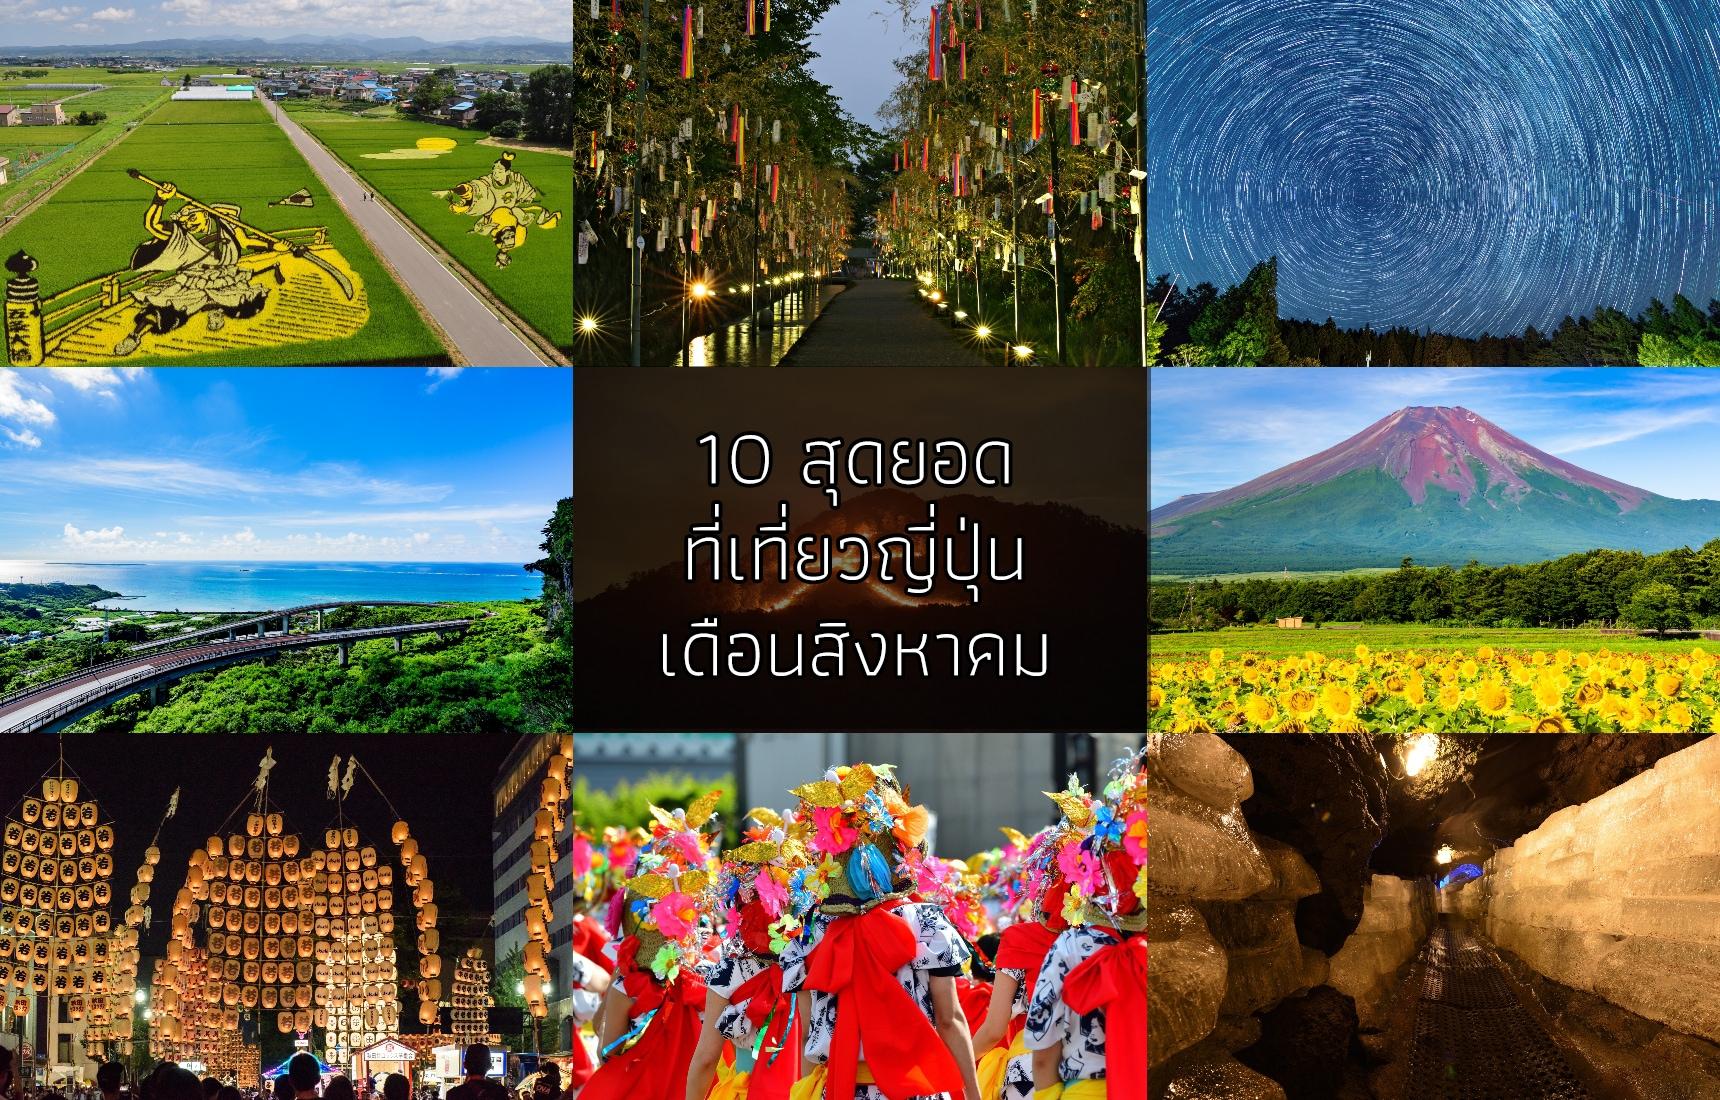 10 สุดยอดที่เที่ยวญี่ปุ่นเดือนสิงหาคม